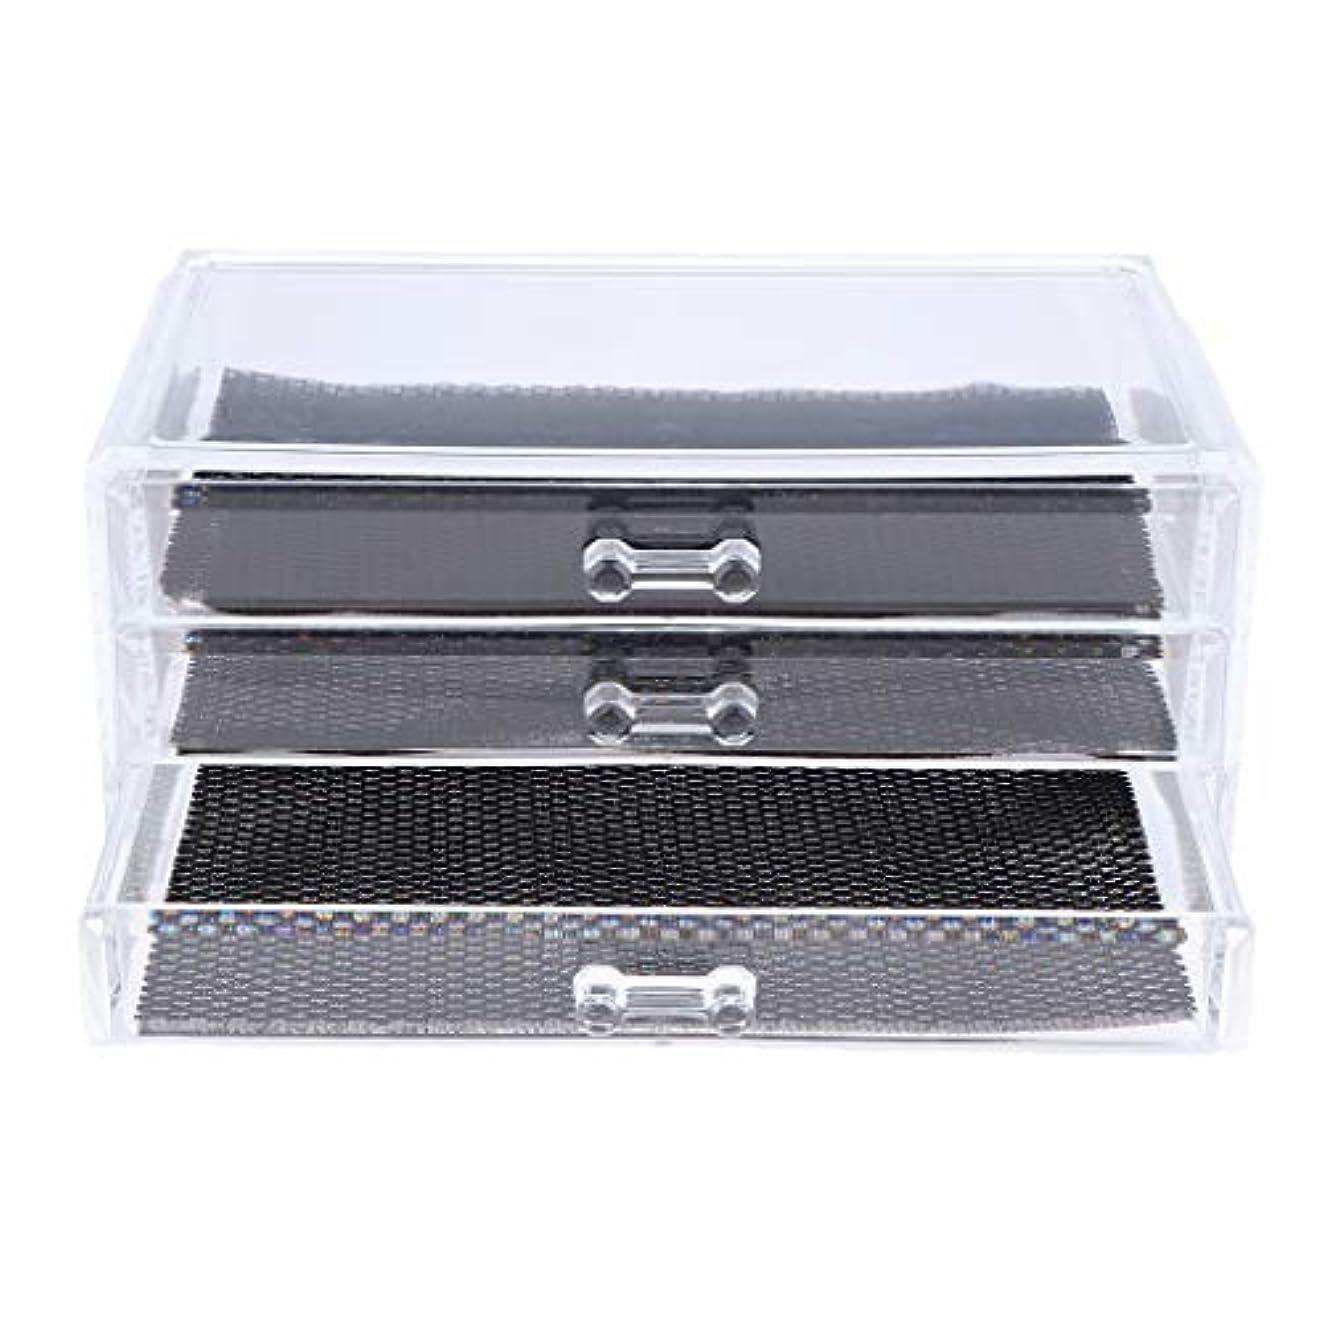 脱獄当社絡み合いPerfeclan 化粧品収納ボックス メイクケース 化粧品収納整理 防塵 透明 コスメ収納ボックス 引き出し式 全3種 - 3つの引き出し